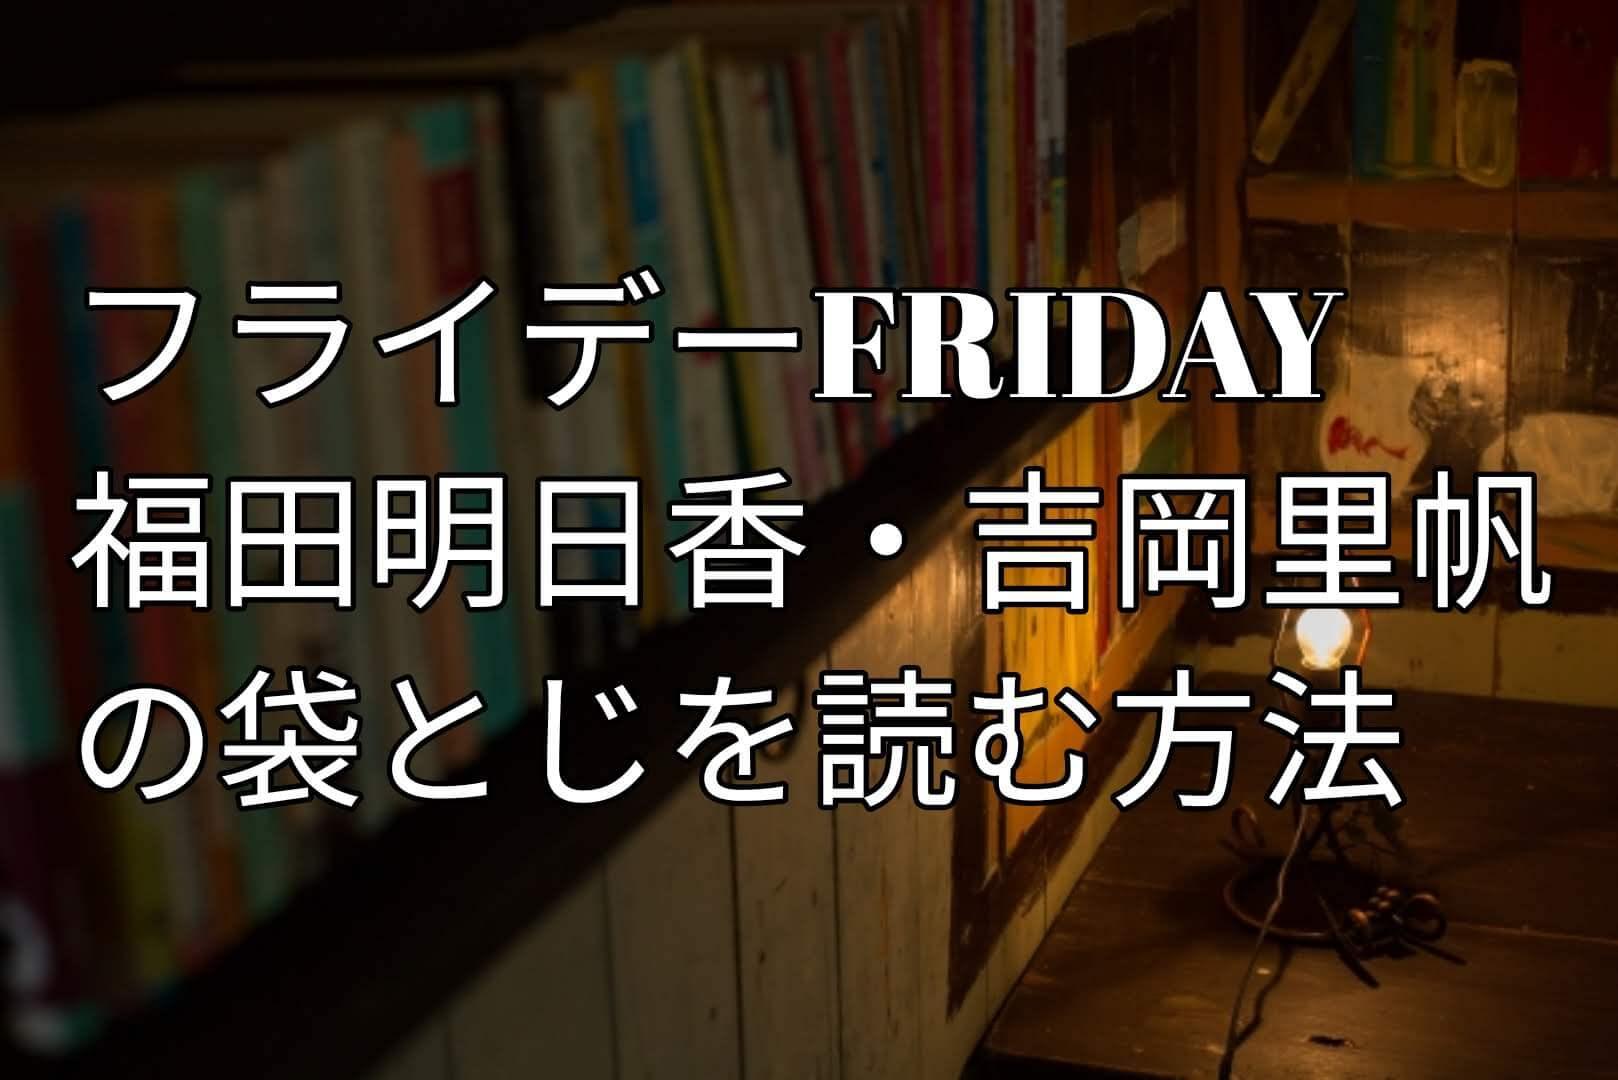 福田明日香袋とじ